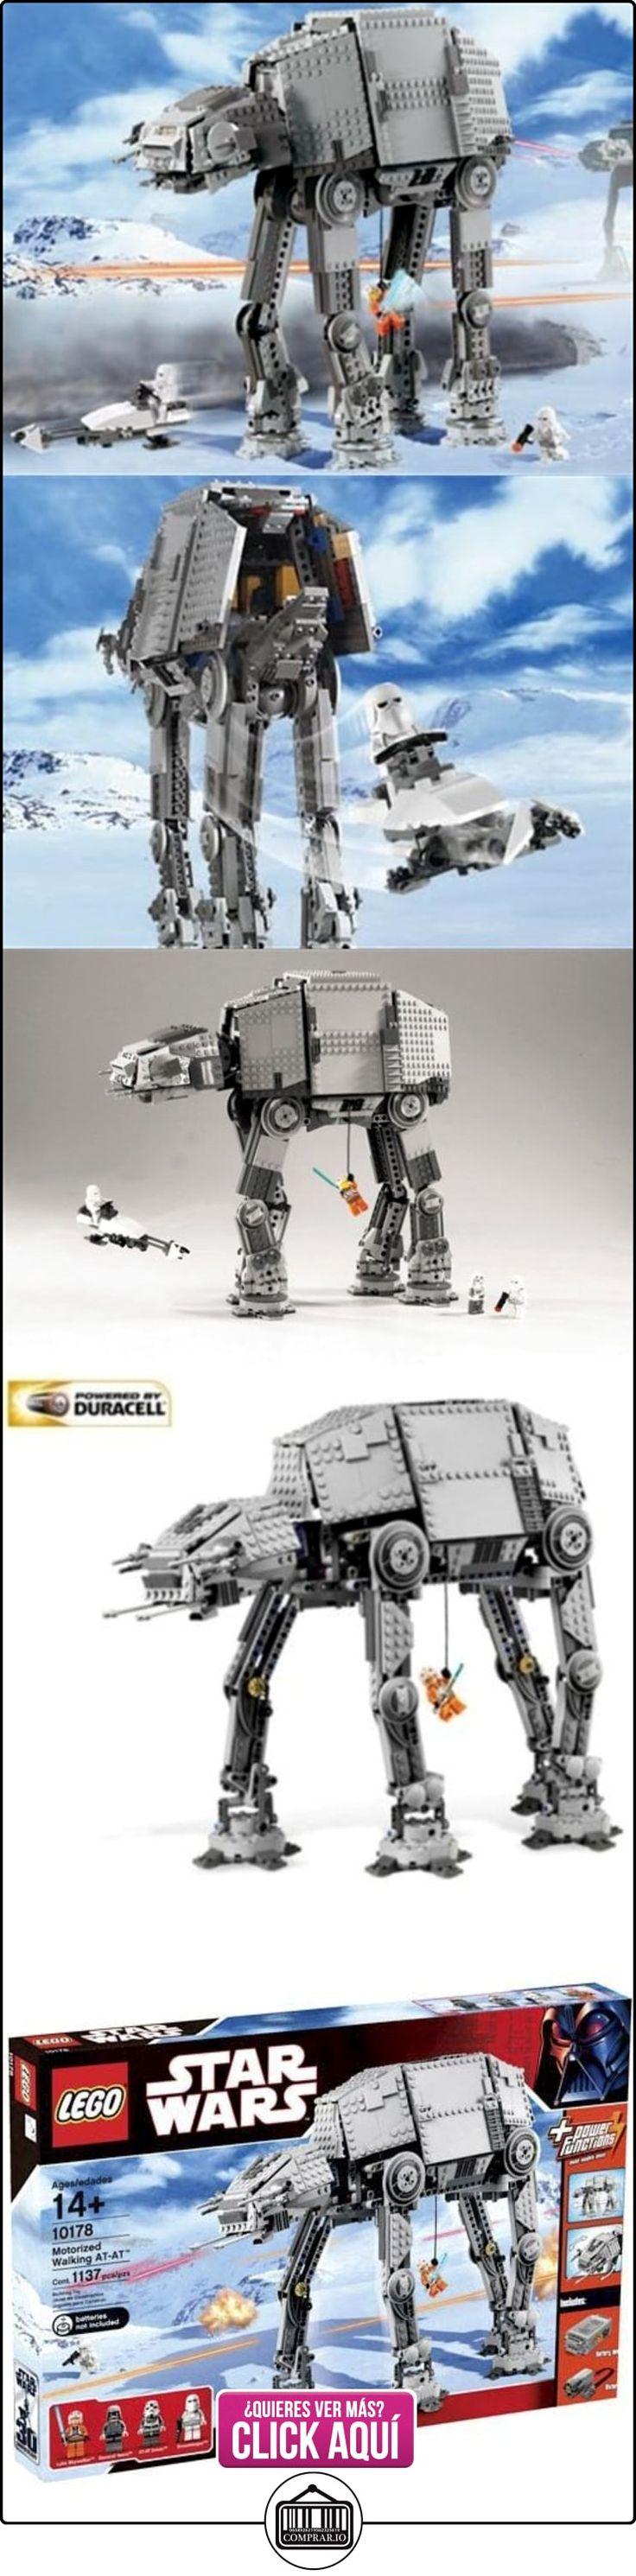 LEGO 10178 Star Wars - 10178 - Vehículo AT-TE con motor  ✿ Lego - el surtido más amplio ✿ ▬► Ver oferta: https://comprar.io/goto/B000WPNOCE